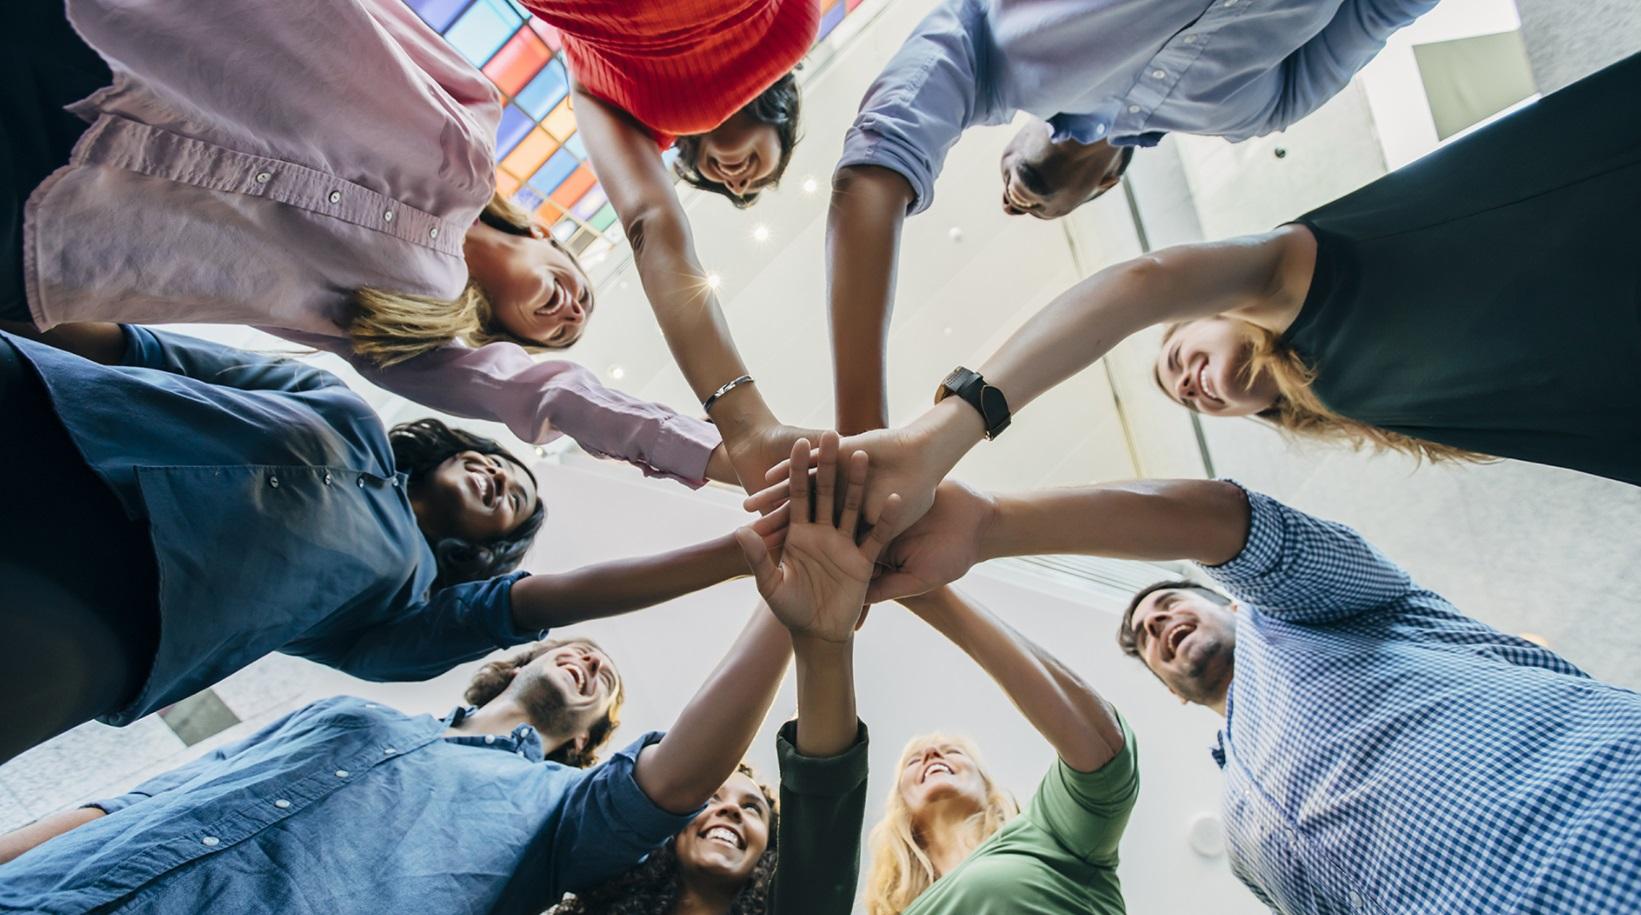 Bonheur au travailen 2021: les entreprises repensent leur système de management